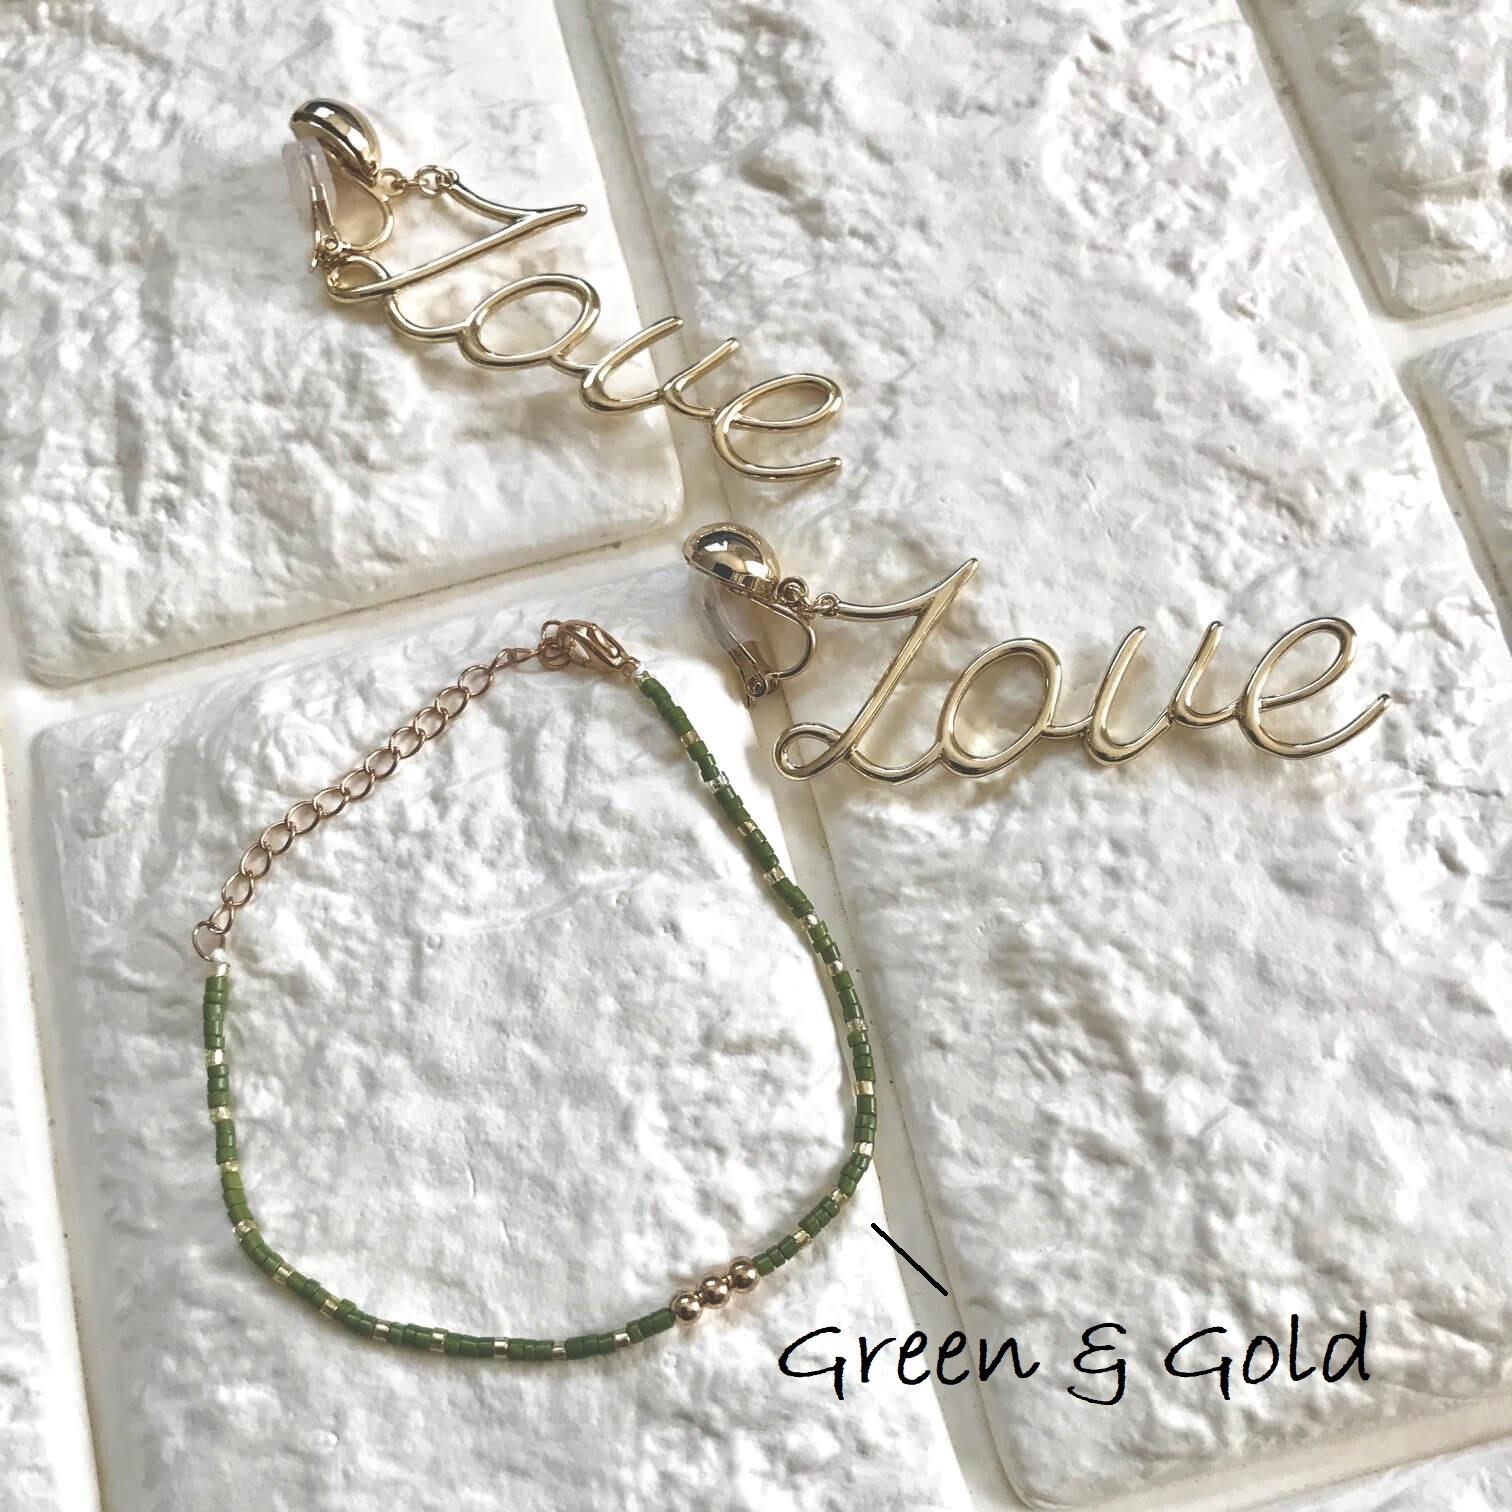 ソストレーネ グレーネのブレスレットグリーン画像